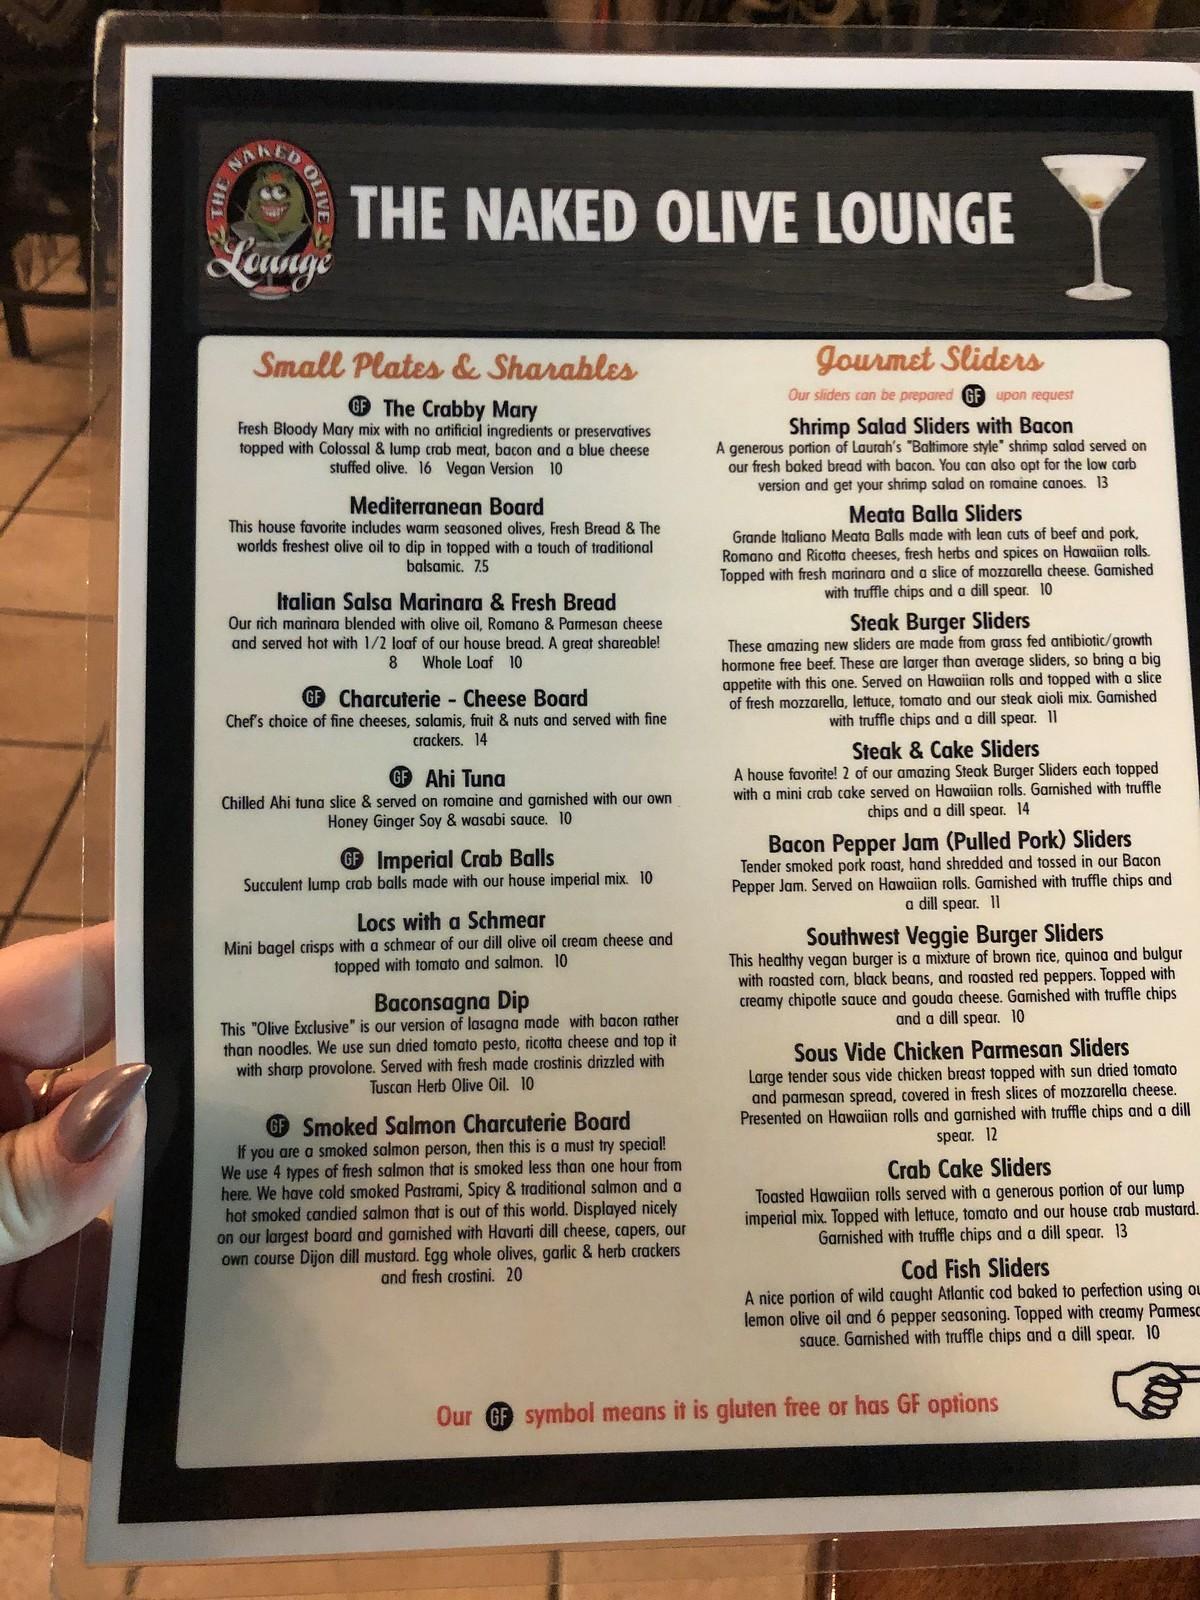 Naked Olive